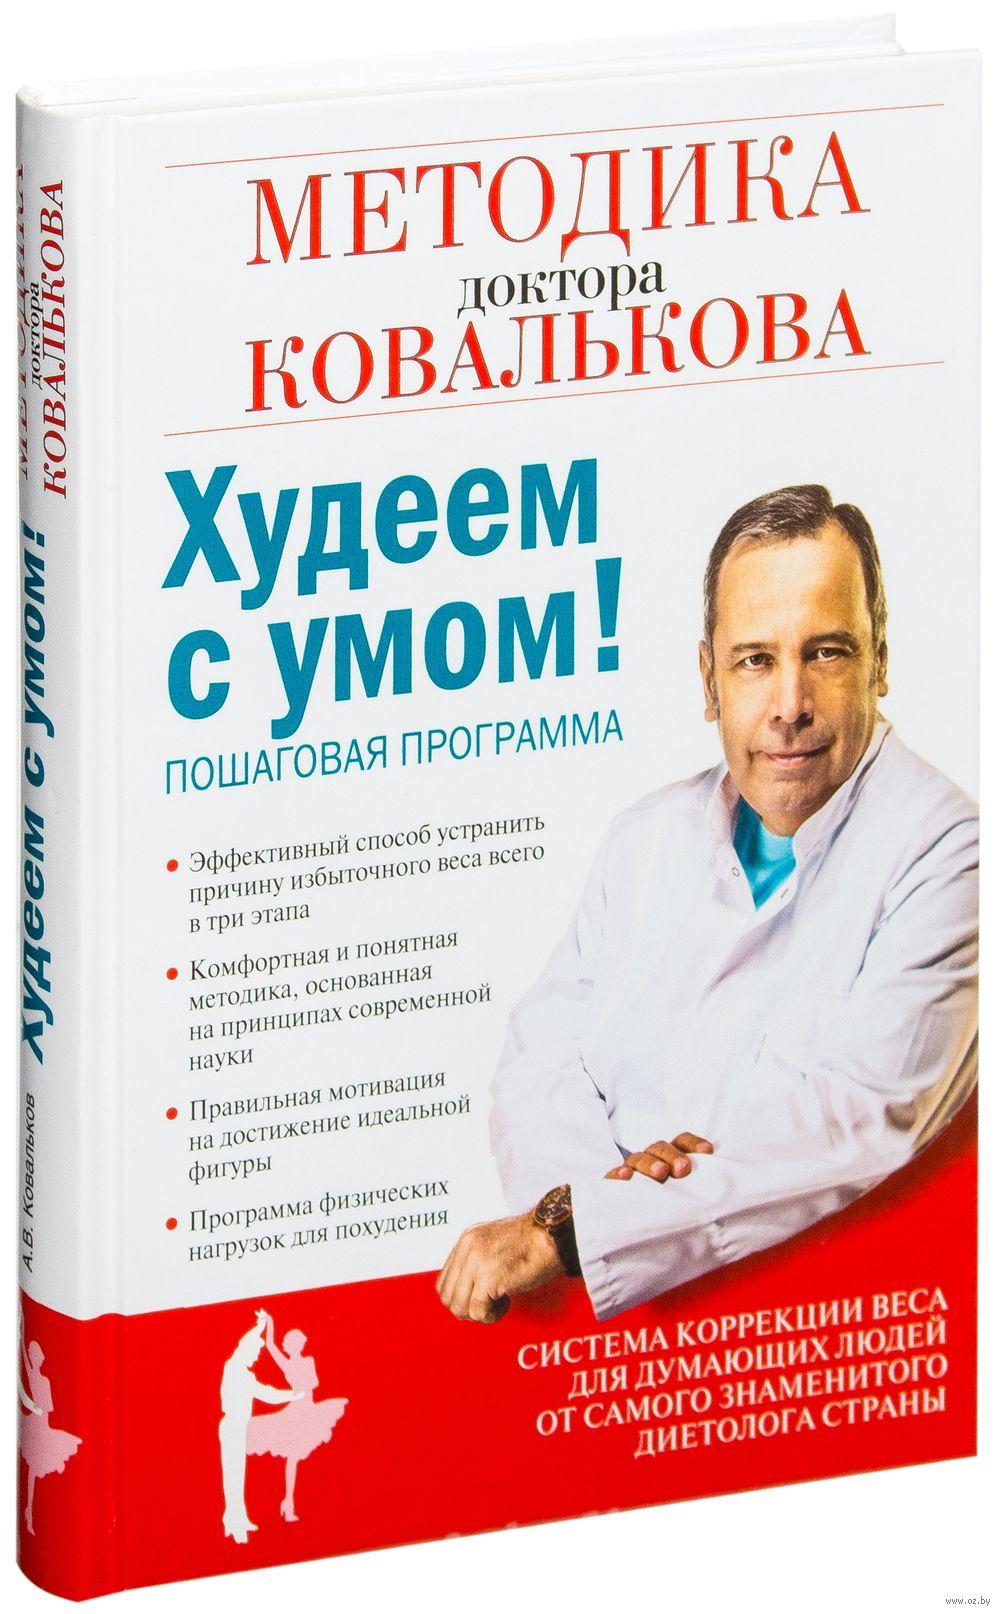 Доктор ковальков книга худеем с умом